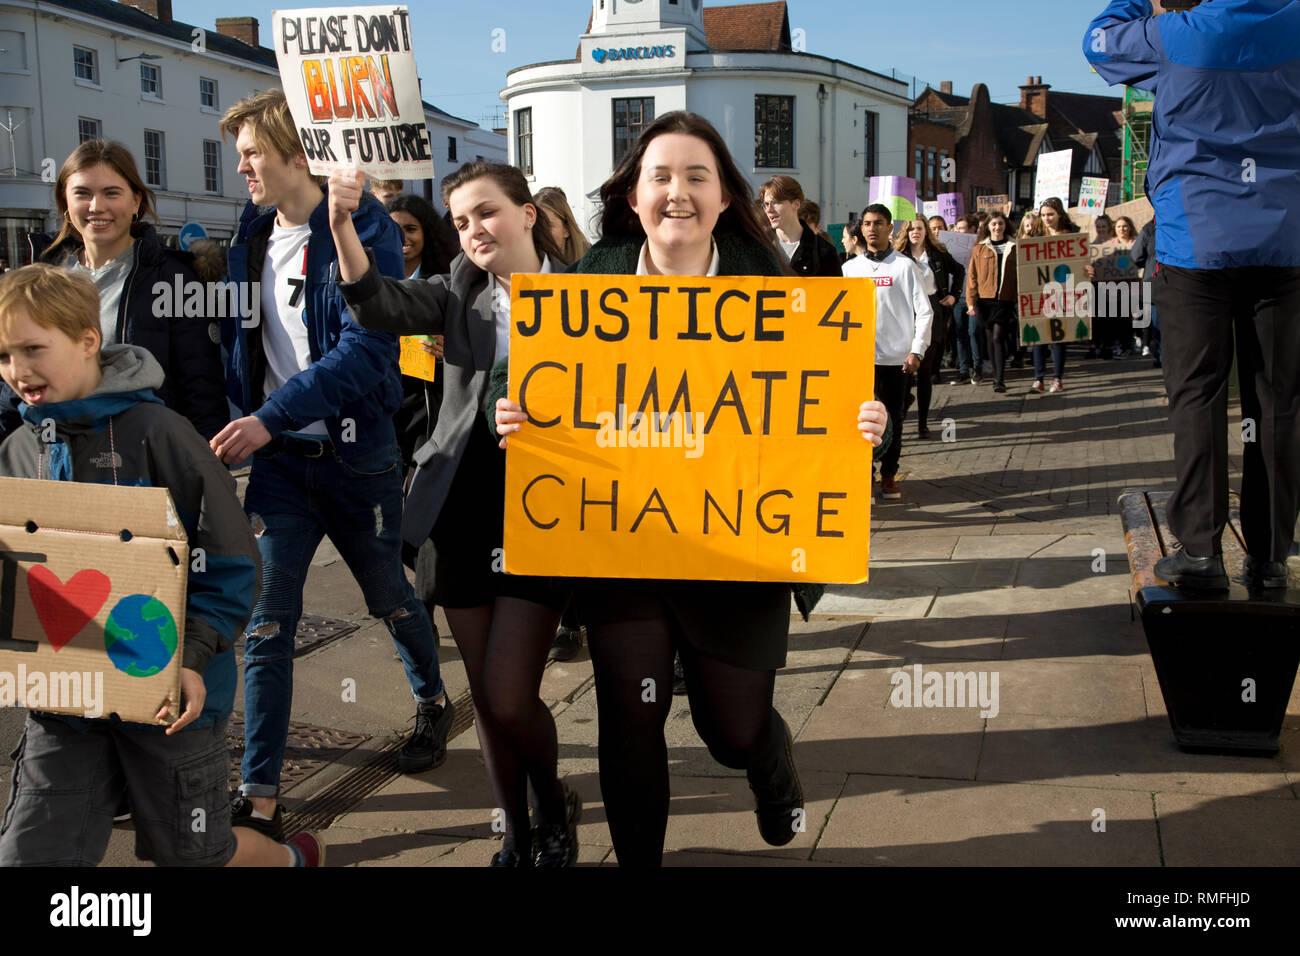 """Stratford-upon-Avon, Reino Unido. 15 Feb 2019. Los estudiantes en huelga llevaban pancartas exigiendo la acción gubernamental sobre el cambio climático en el centro de 15 de febrero de 2018 Stratford-upon Avon UK. En su Carta Abierta Nacional dicen que el gobierno """"Hemos tenido suficiente; no más excusas; no más inacción; queremos un futuro y vamos a luchar por ella."""" Gracias Crédito: Mark Boulton/Alamy Live News Foto de stock"""